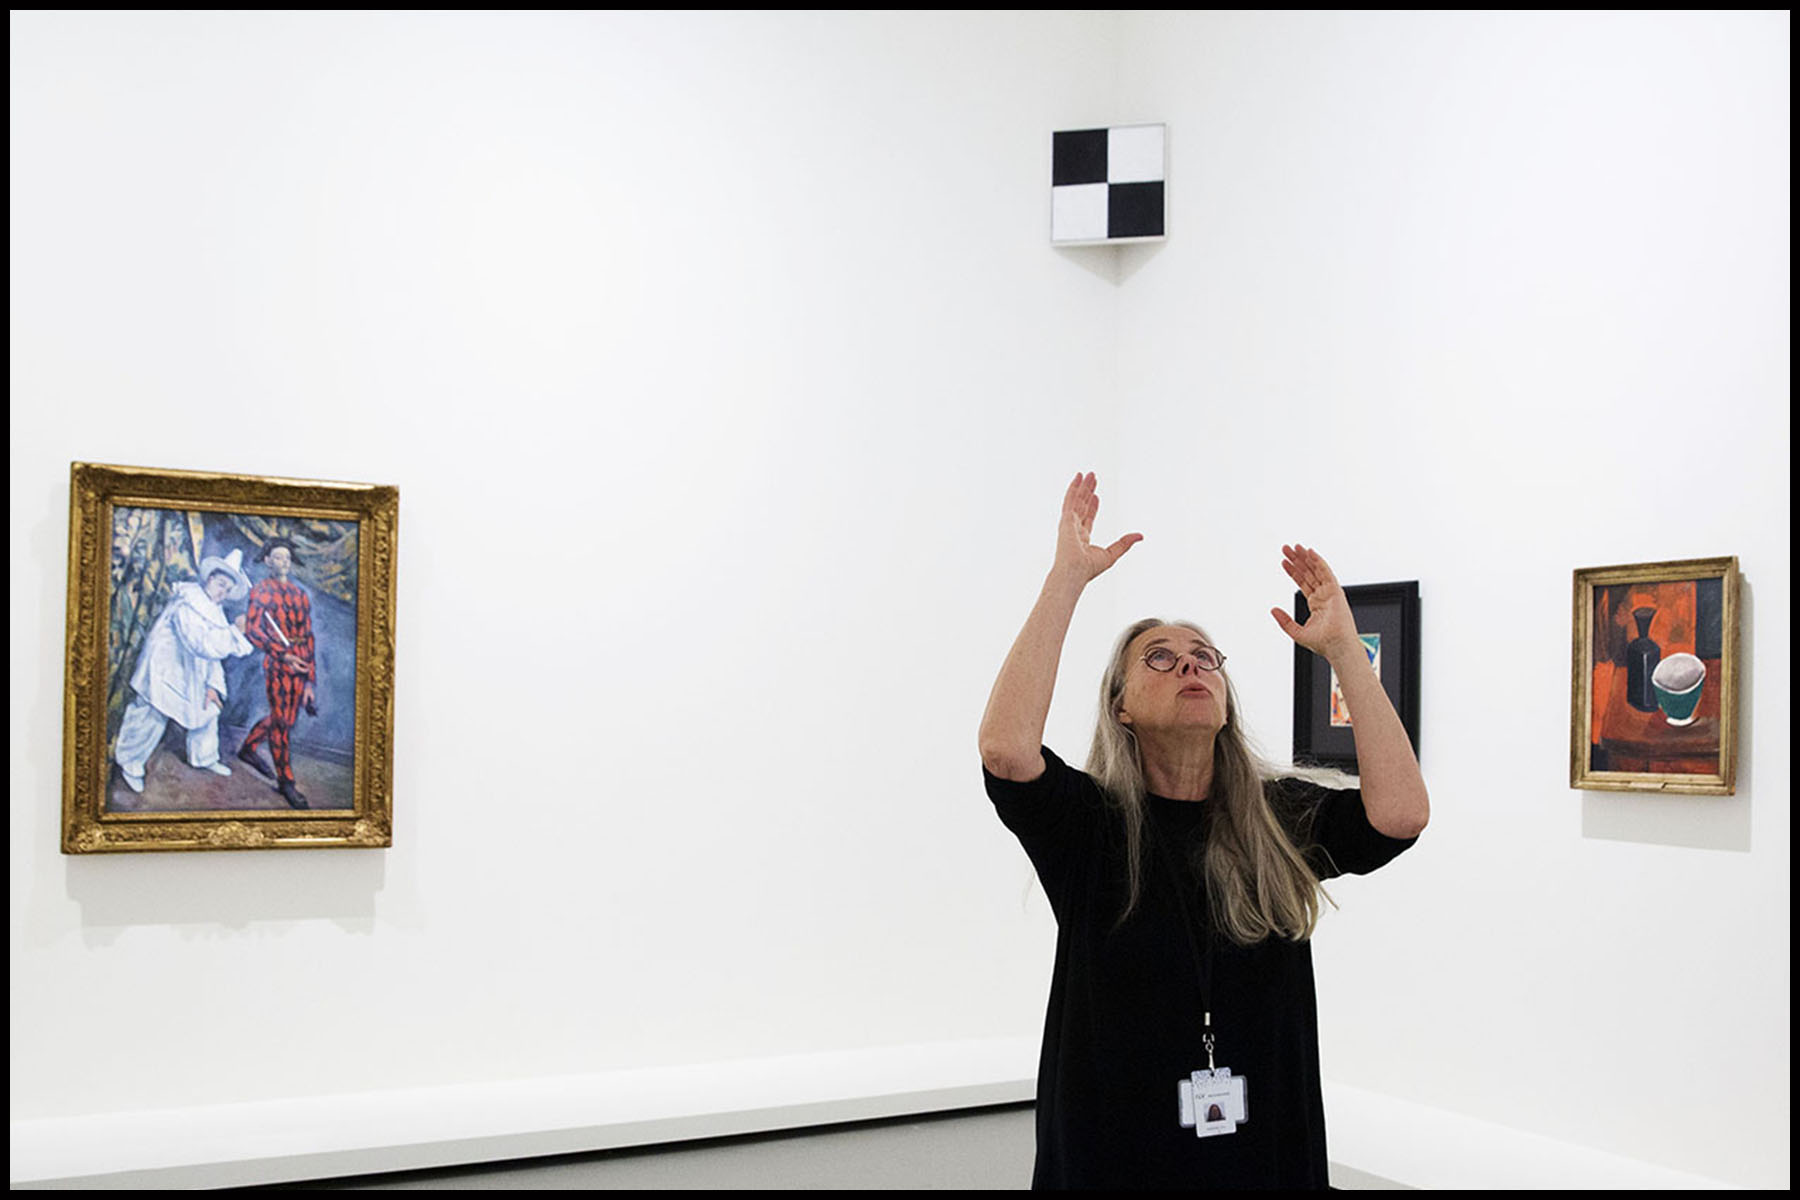 130 incroyables chefs- d'oeuvre de l'art moderne de la collection Chtchoukine réunis pour la première fois depuis leur confiscation par l'union soviétique et exposés à la Fondation Louis Vuitton à Paris